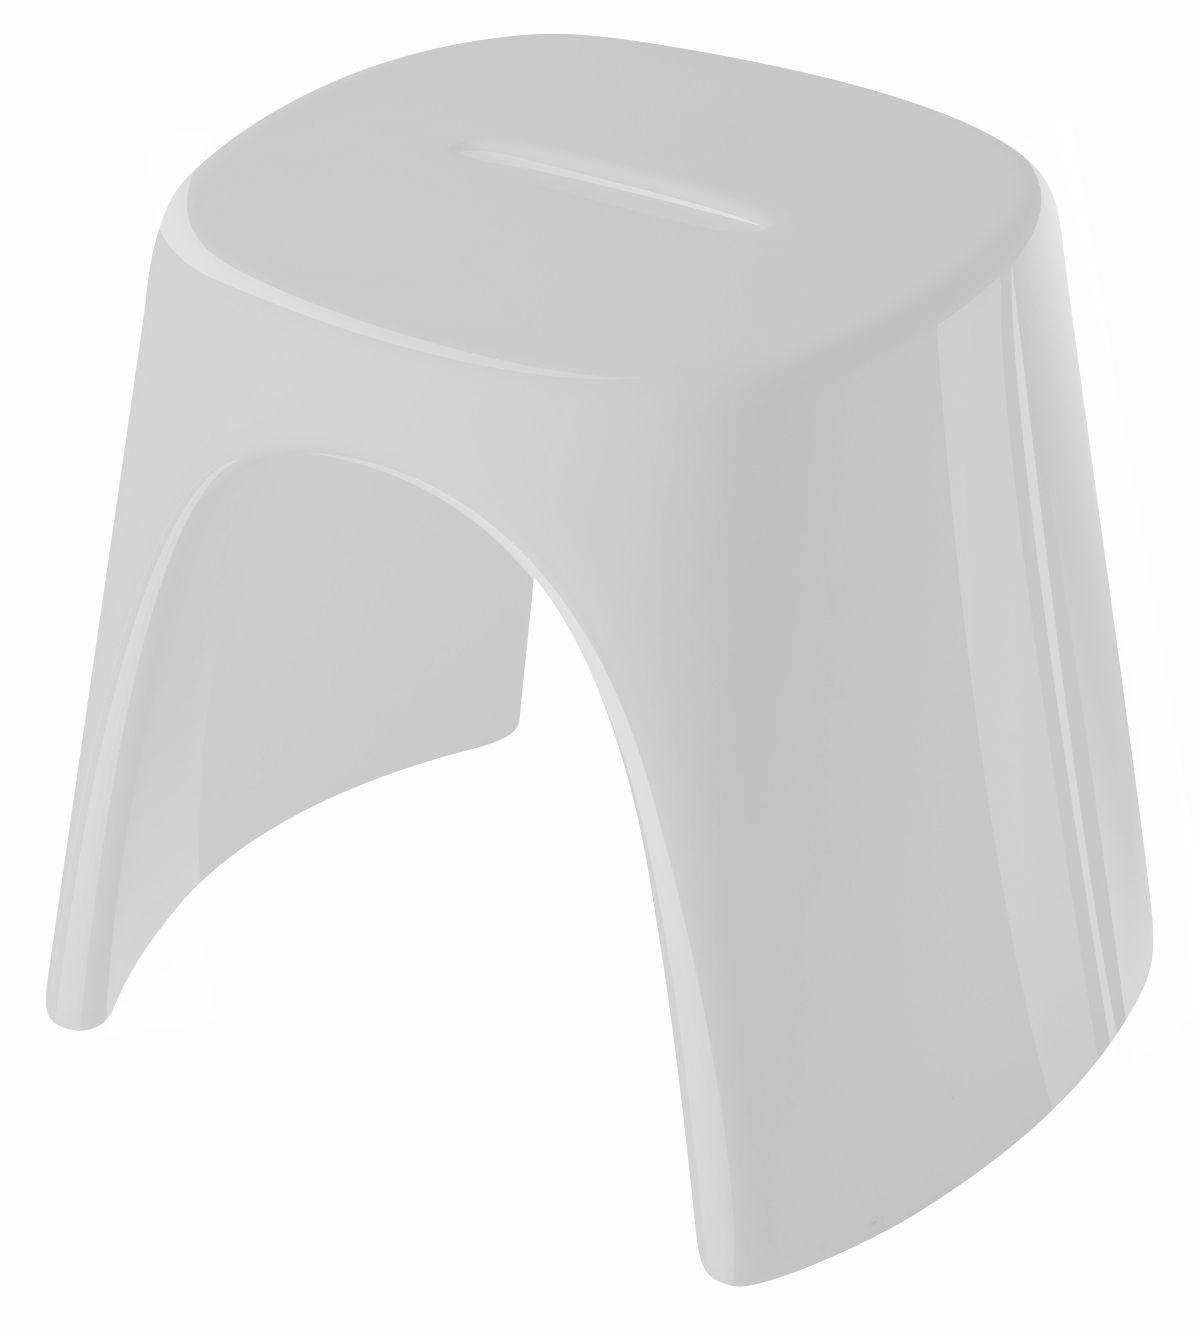 tabouret empilable am lie laqu plastique laqu blanc slide. Black Bedroom Furniture Sets. Home Design Ideas